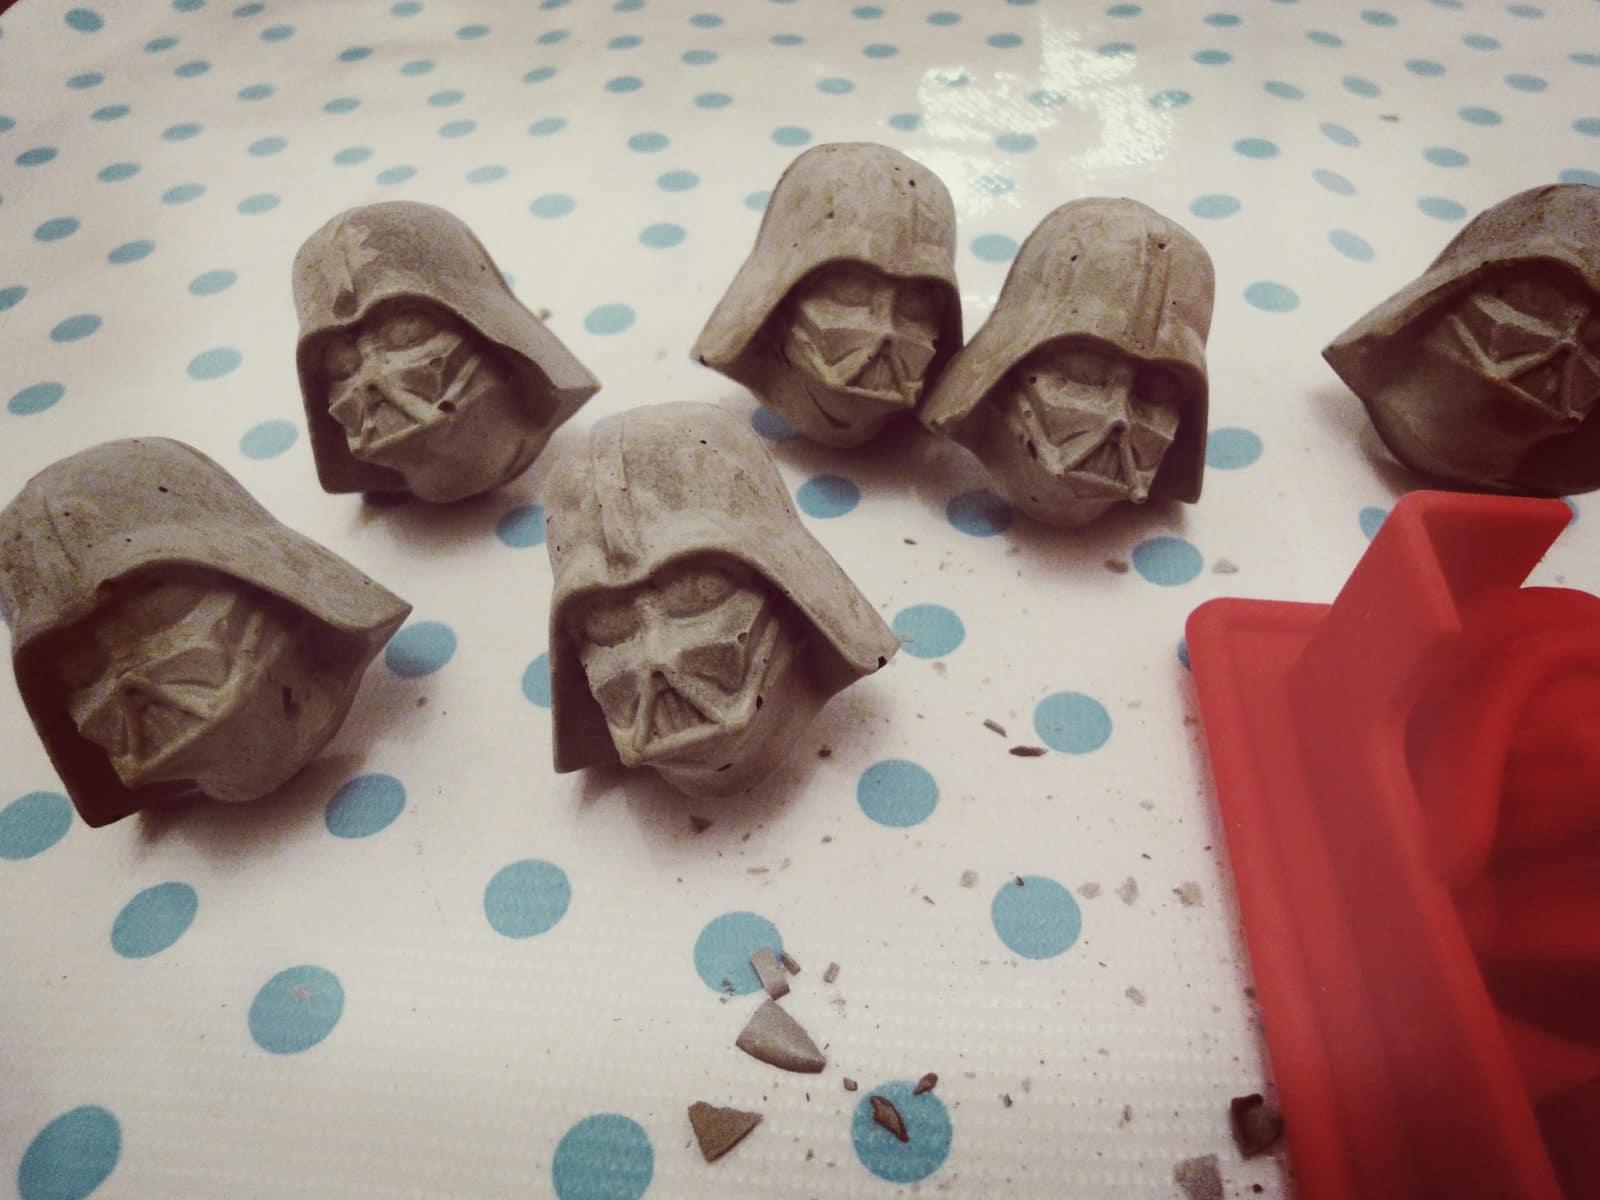 Geschenkidee Für Star Wars Fans Darth Vader Und Stormtrooper